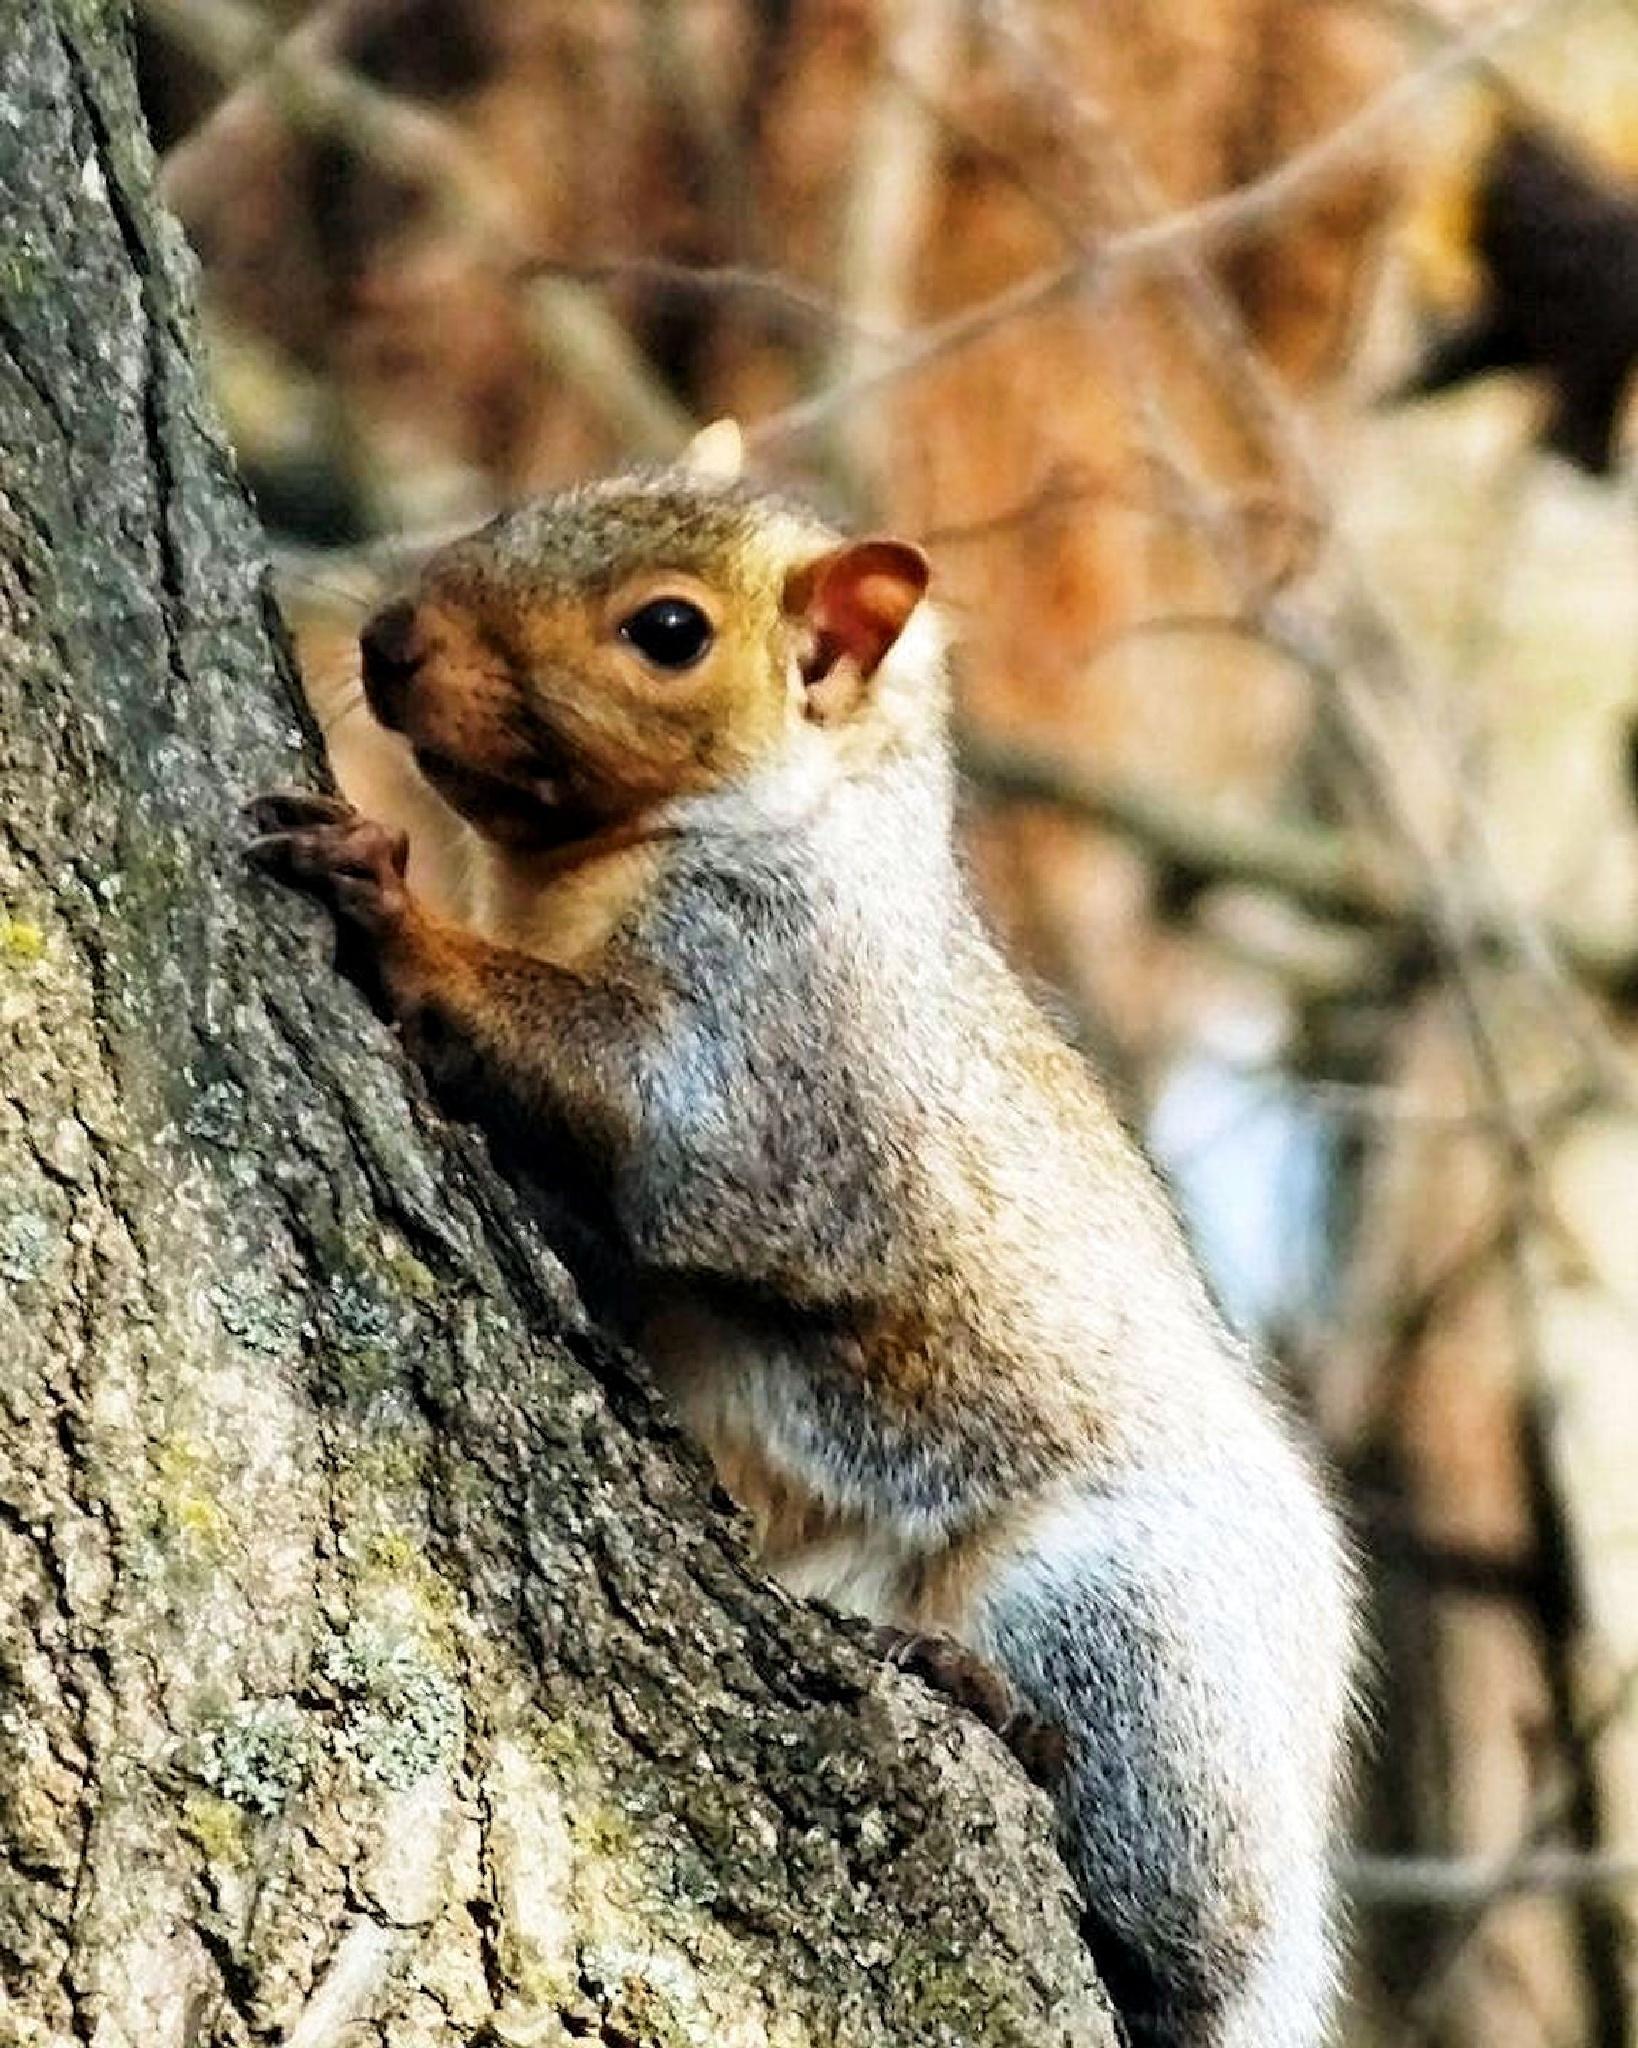 Squirrl In Tree by Lynn A Marie